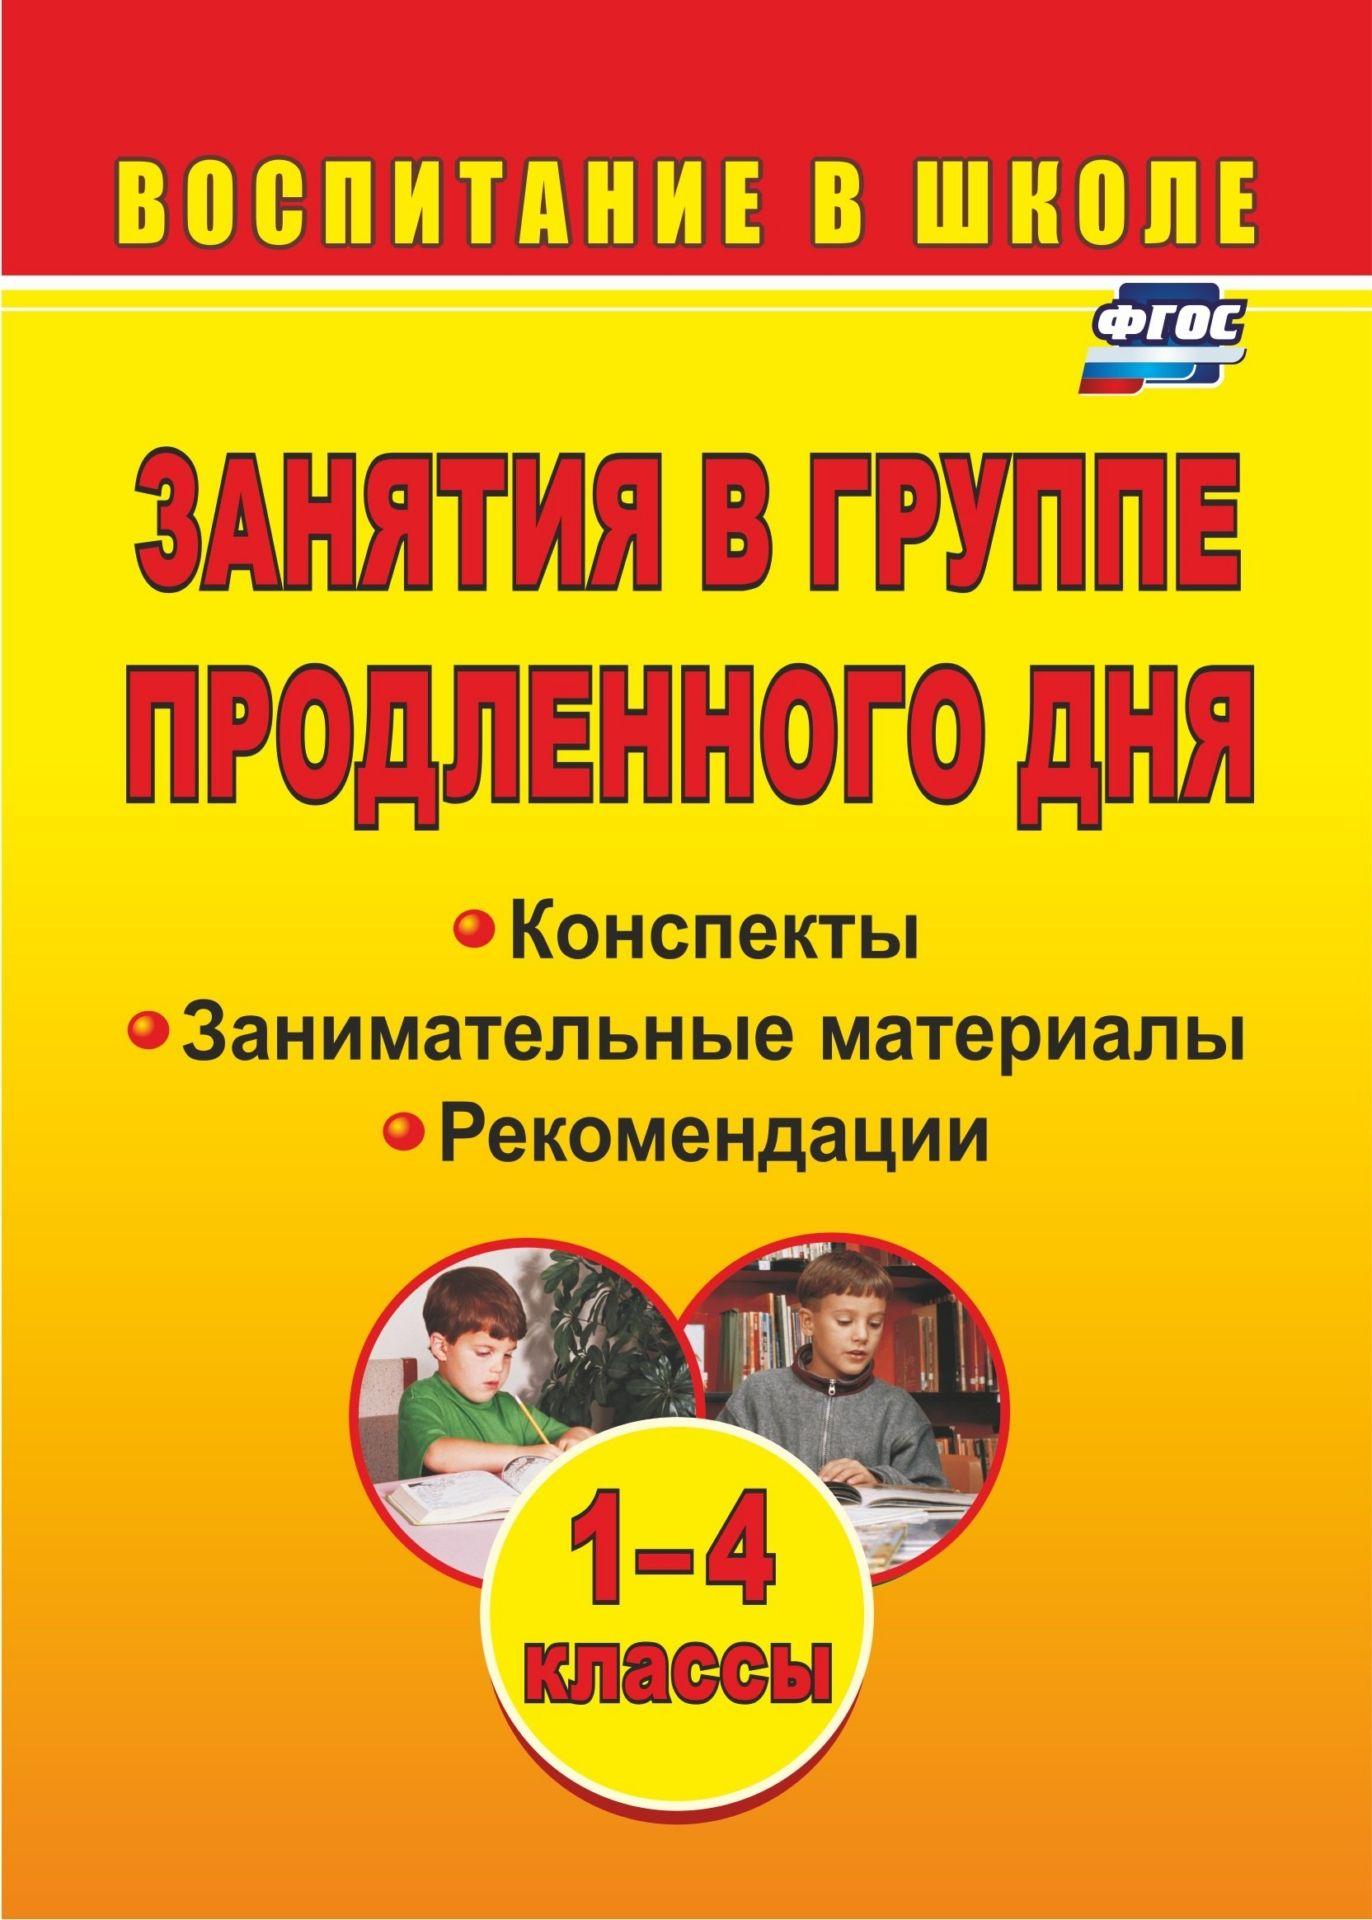 Занятия в группе продленного дня. 1-4 классы: конспекты, занимательные материалы, рекомендации